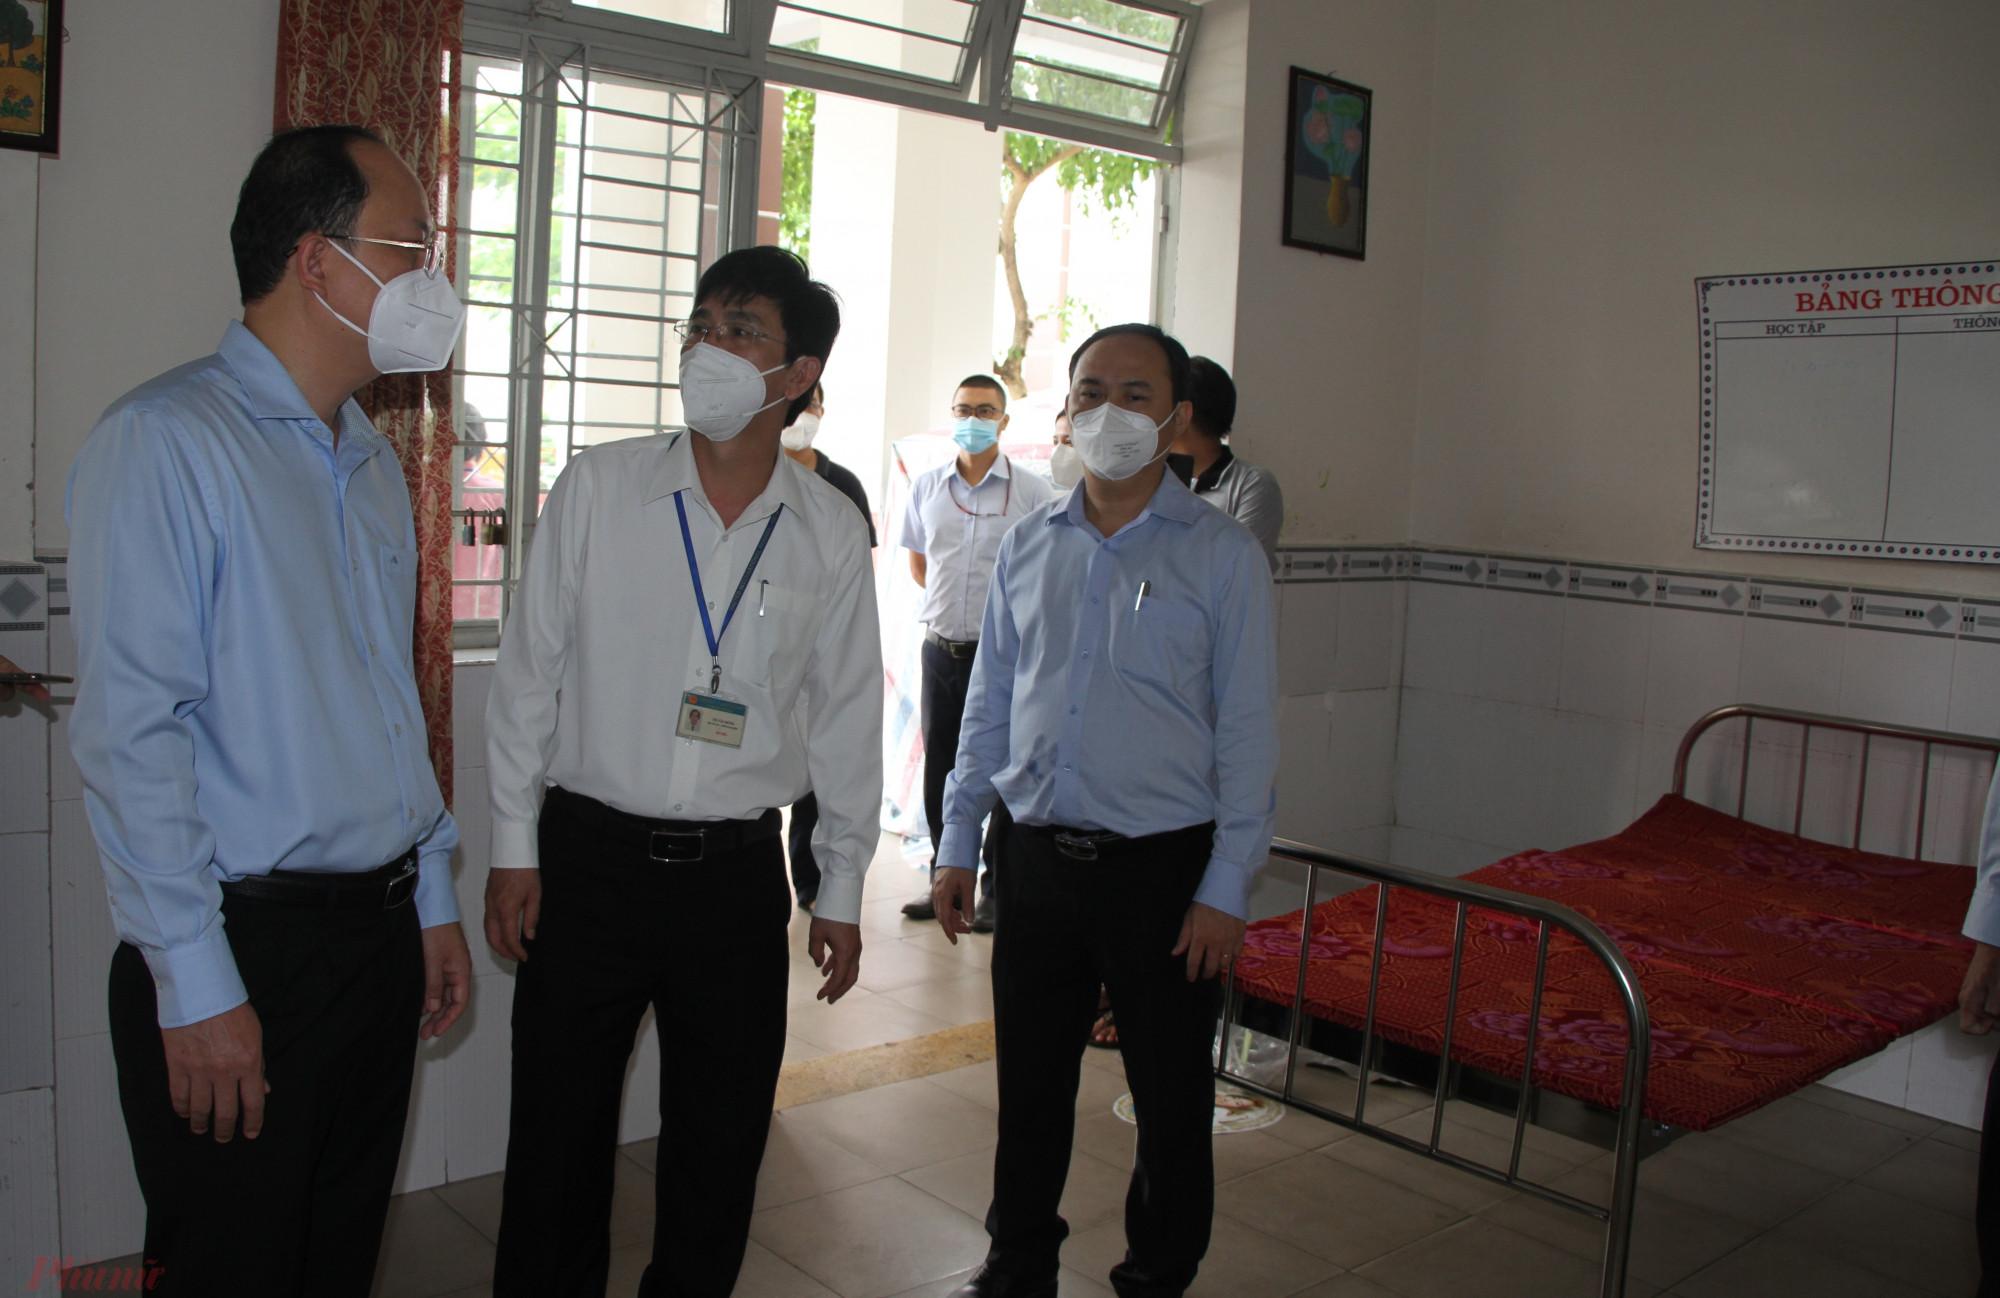 Phó bí thư Thành ủy TPHCM Nguyễn Hồ Hải kiểm tra khu điều trị cấp cứu bệnh nhân  COVID -19 tại khu cách ly  135, Hoàng Hoa Thám, phường 13, quận Tân Bình